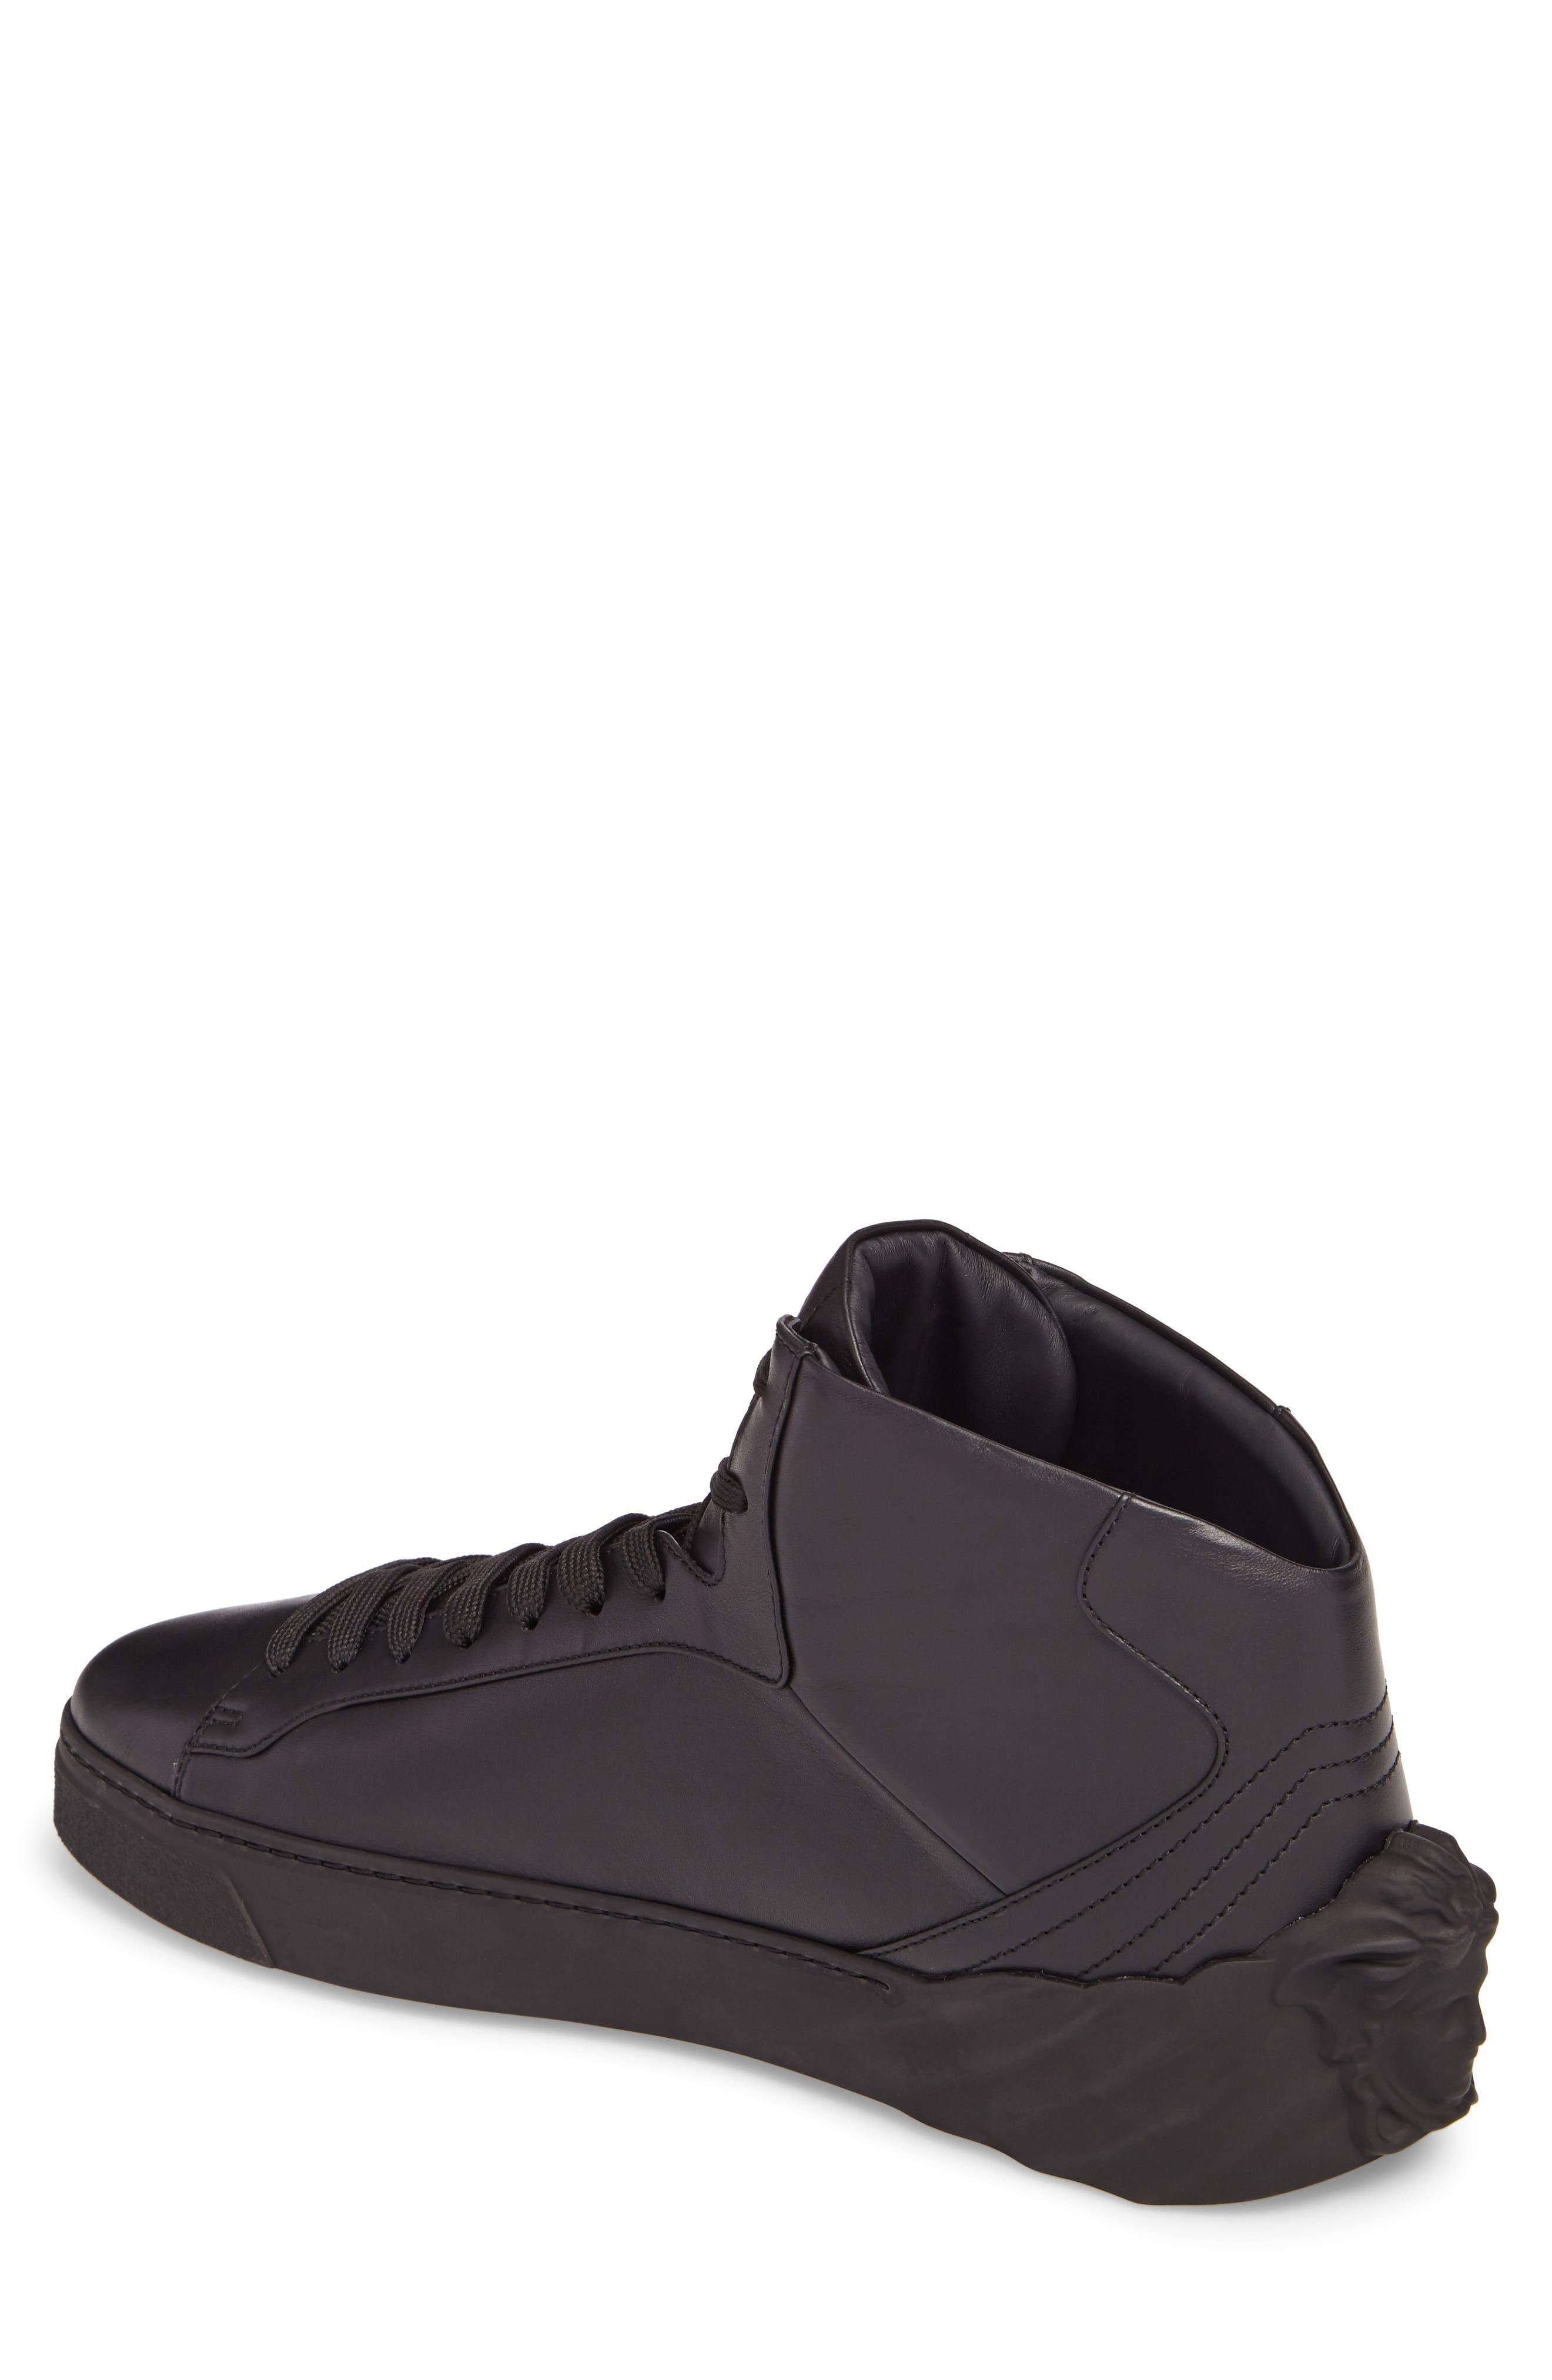 3D Medusa Sneaker,                             Alternate thumbnail 2, color,                             008